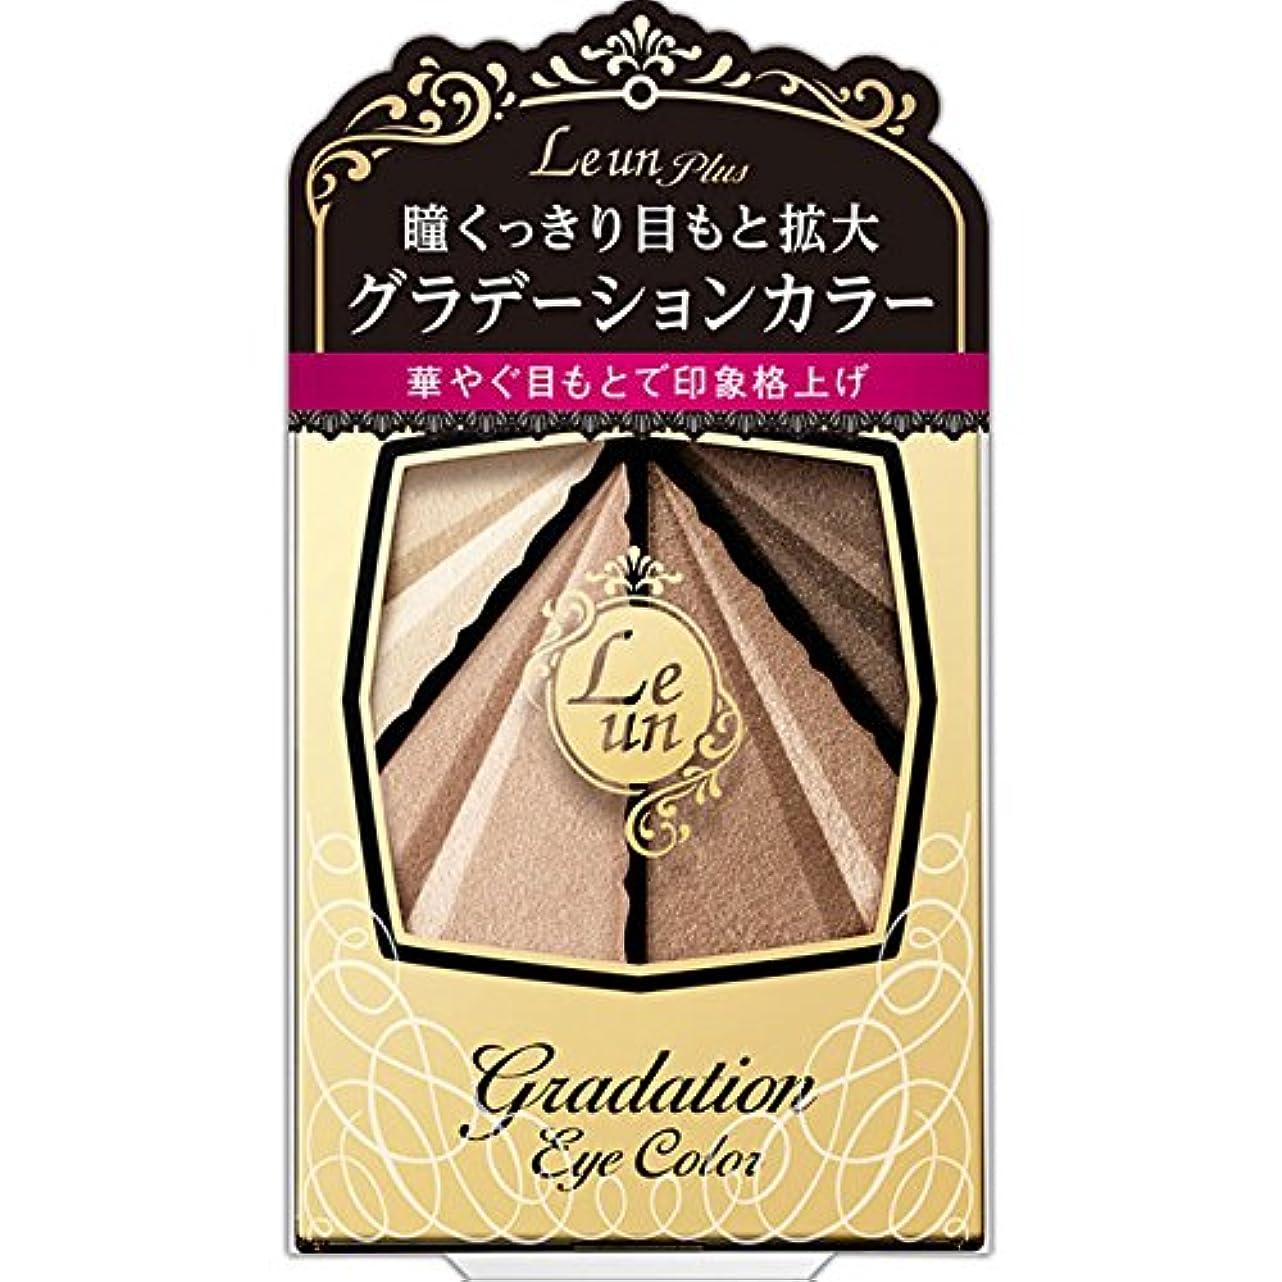 ためらう飢東ティモールルアン プリュス グラデーションアイカラー 01 ゴールドブラウン 3.4g